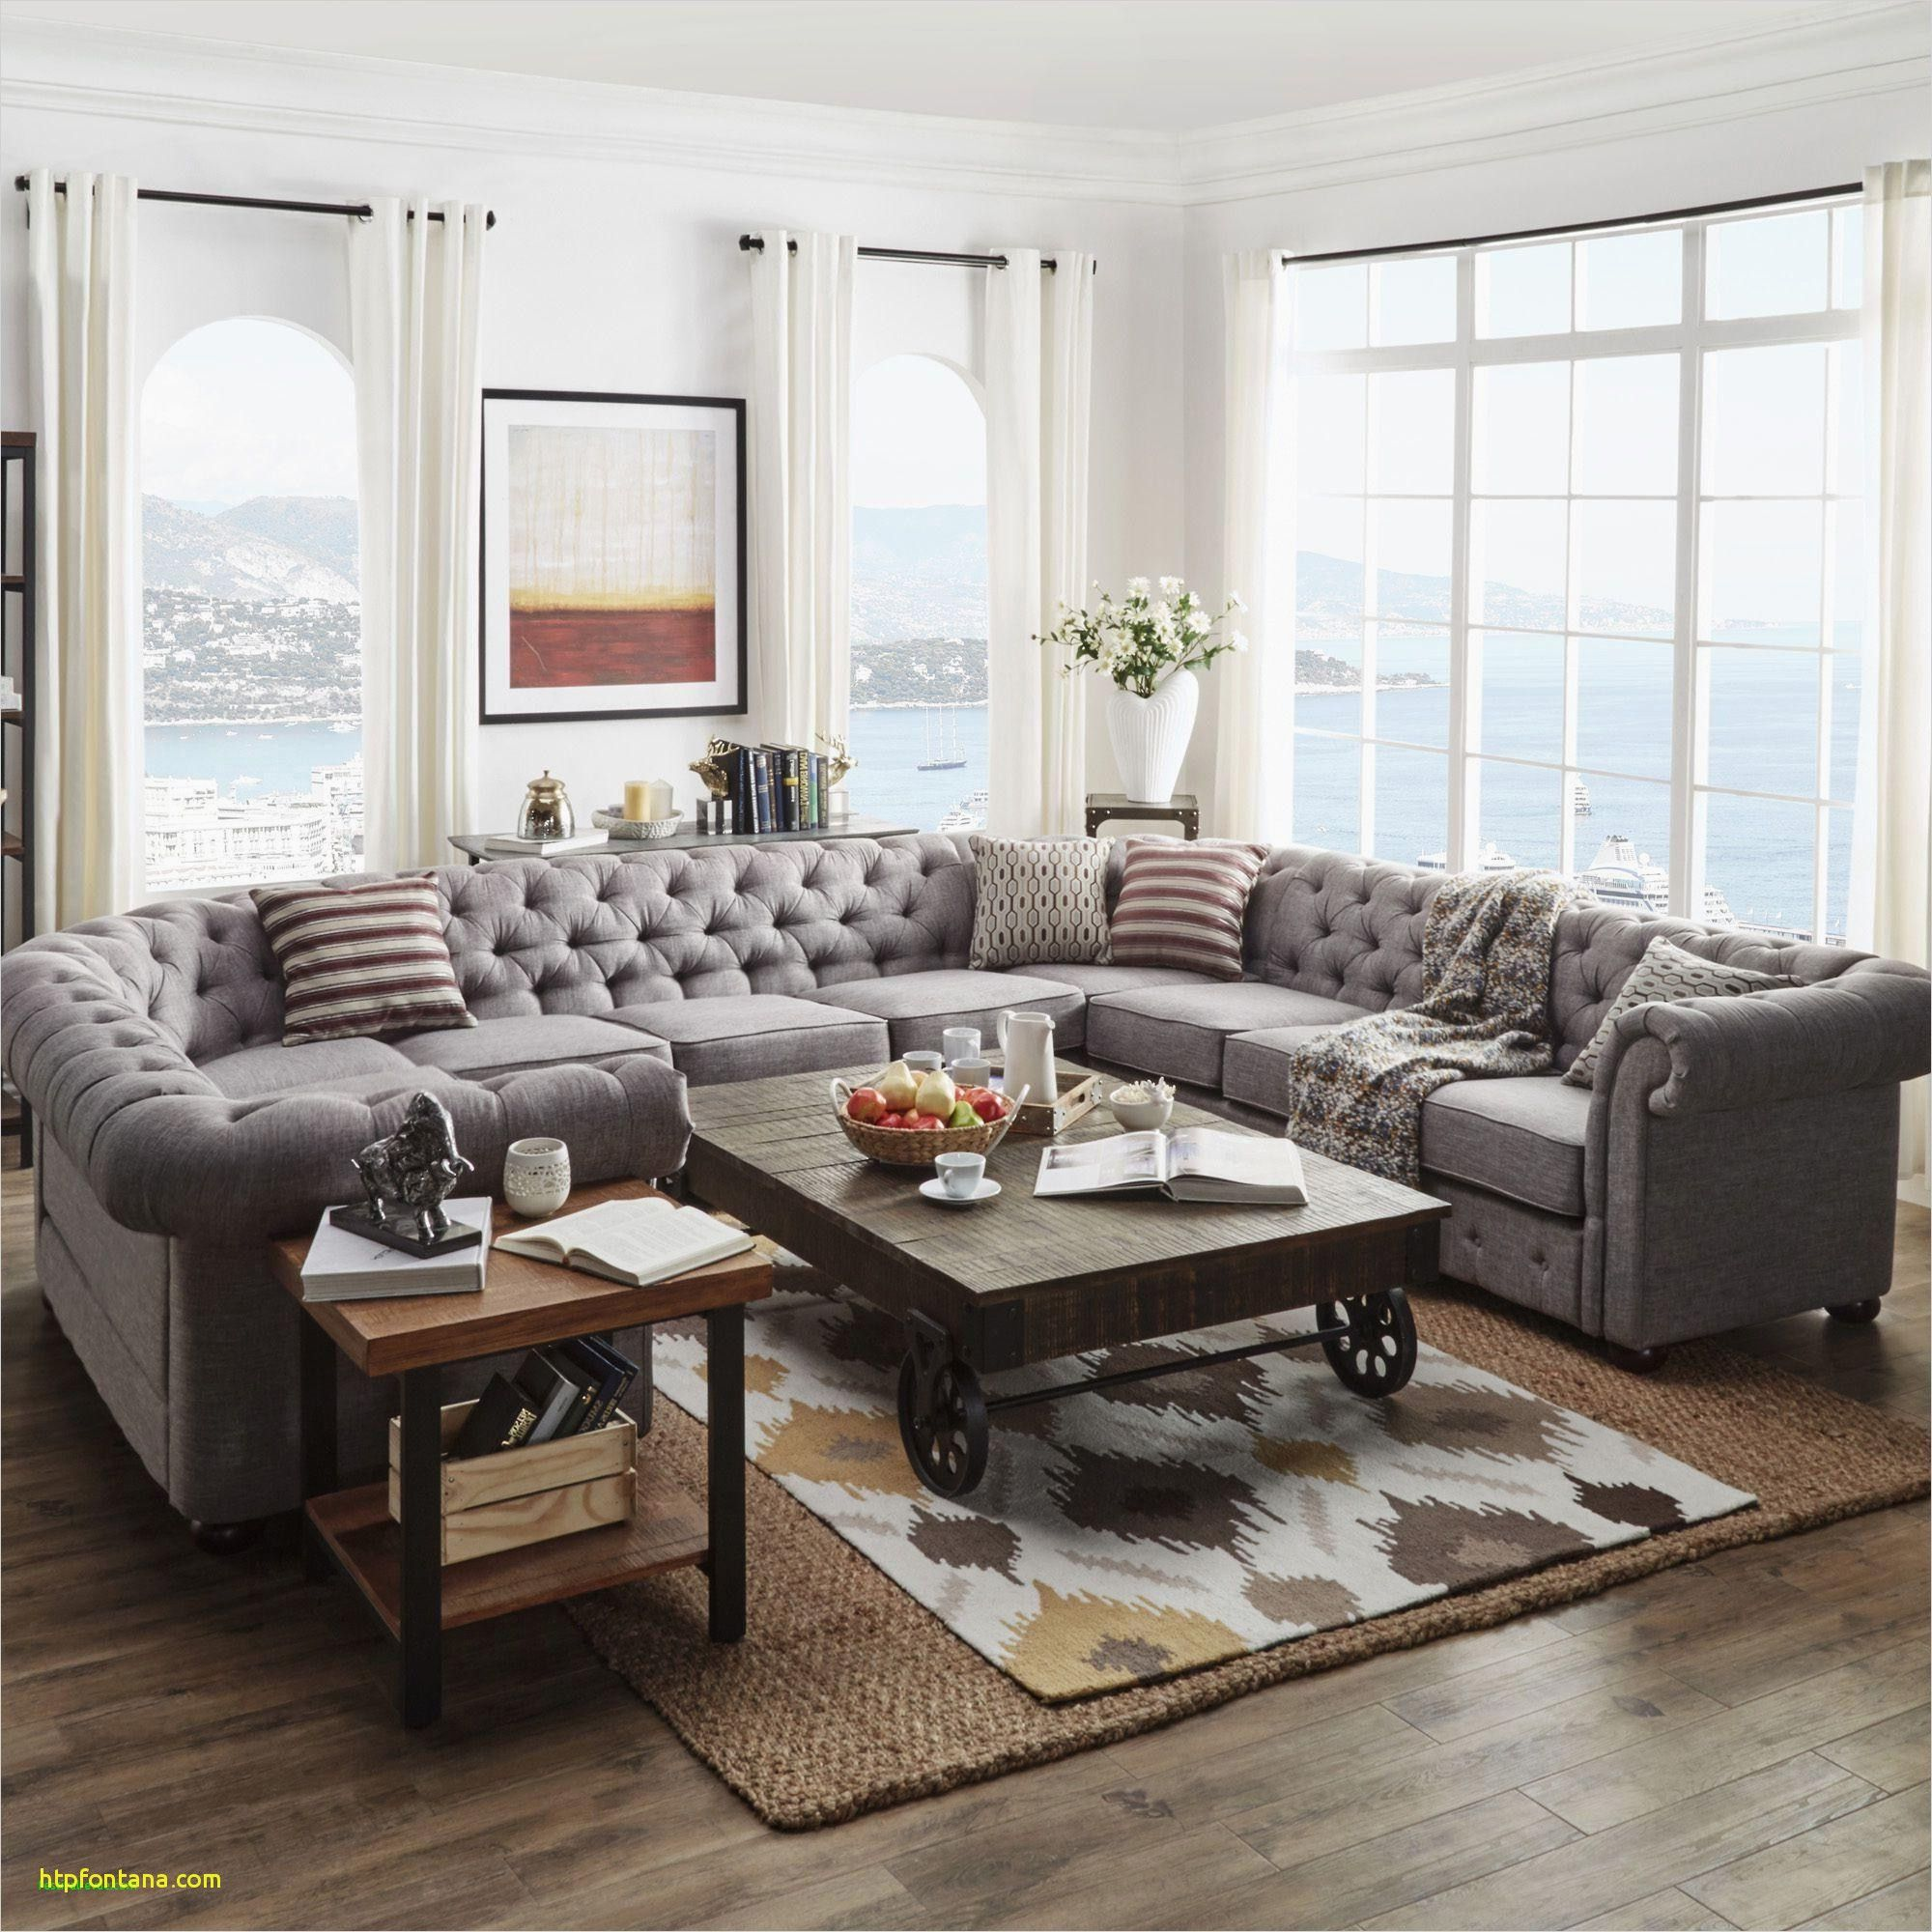 30 Best Photo Of Pretty Living Room Elegant Living Room Living